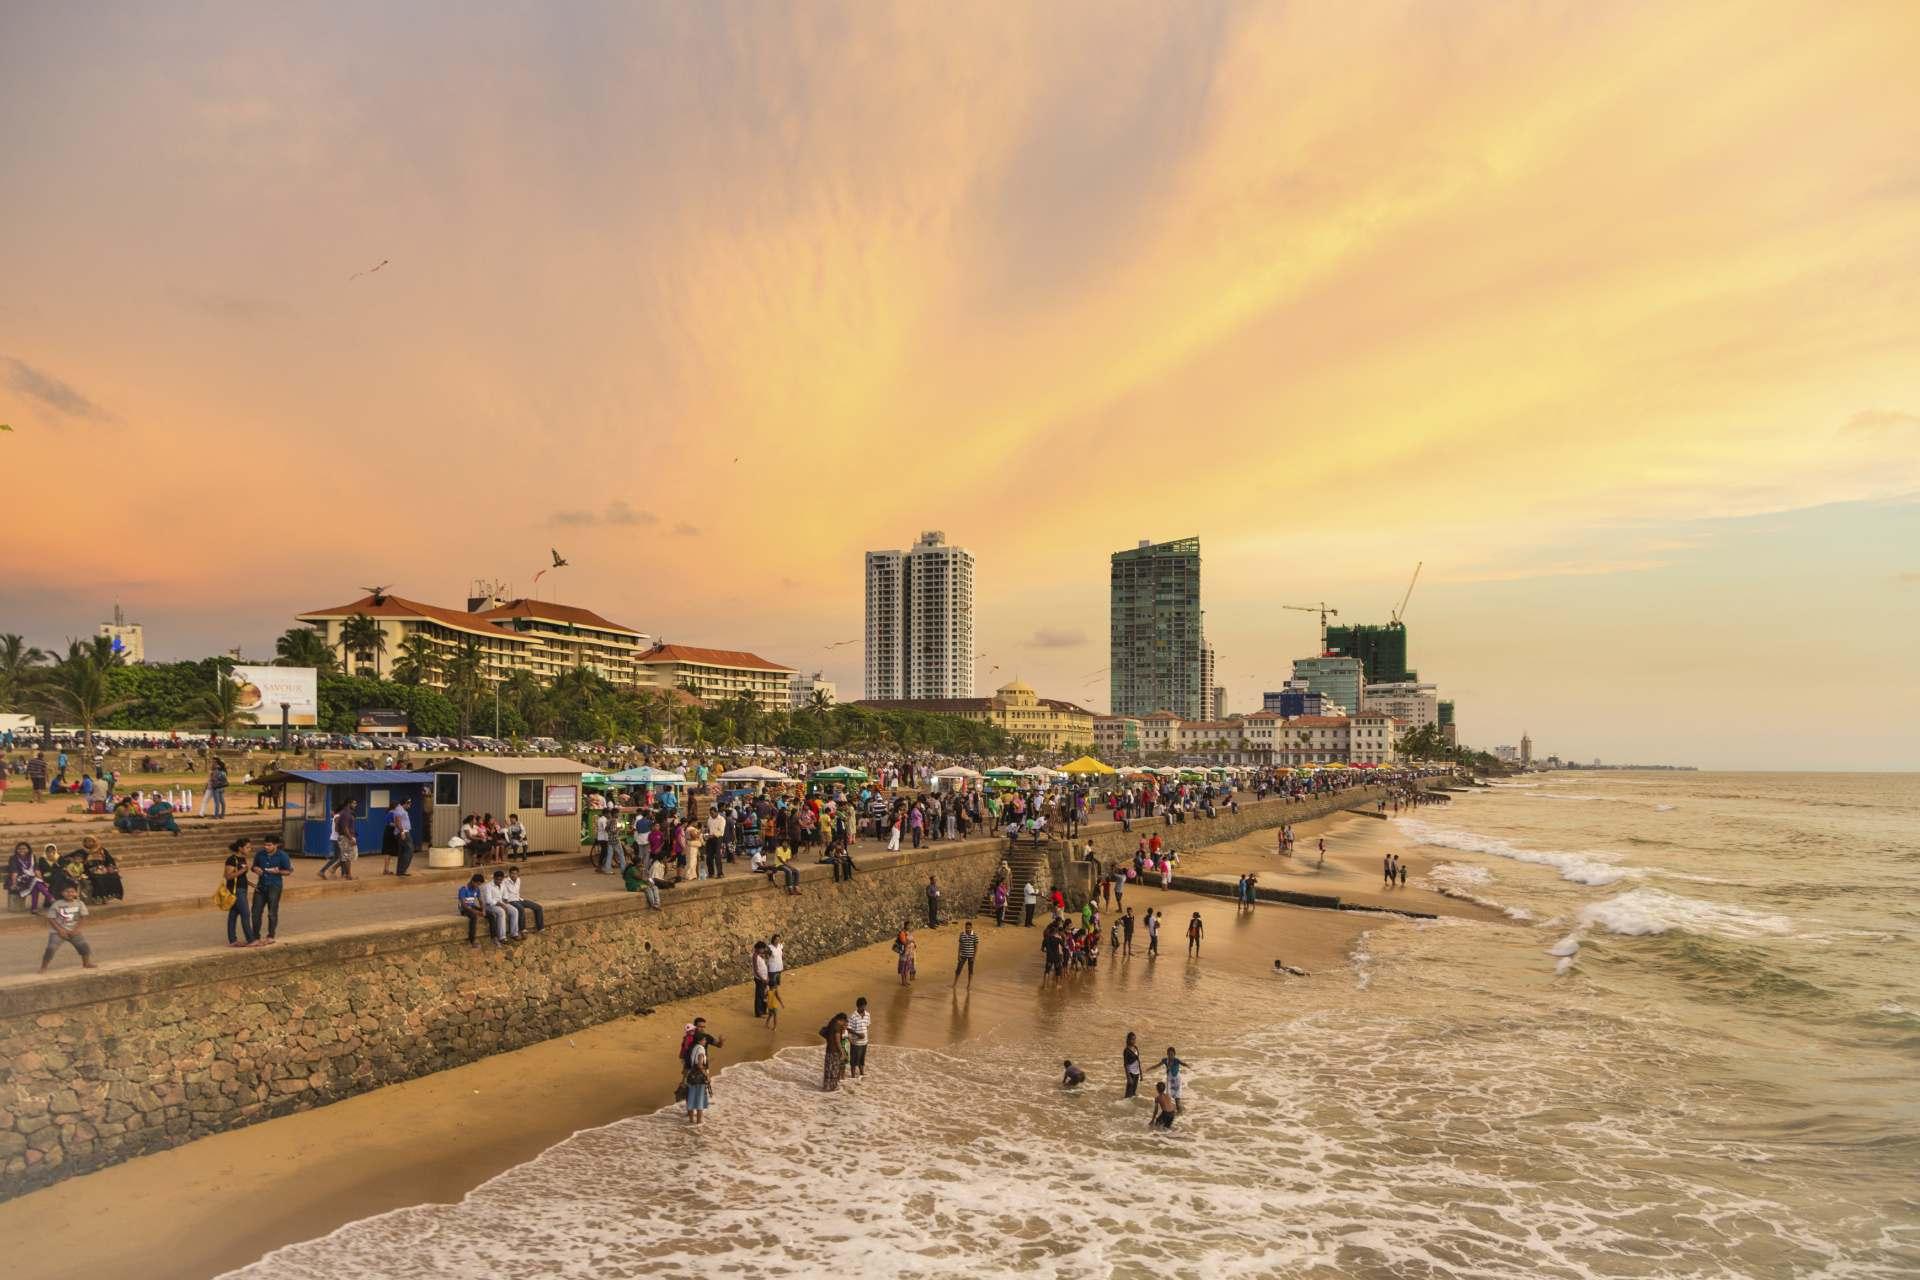 Sri Lanka High Quality Wallpapers